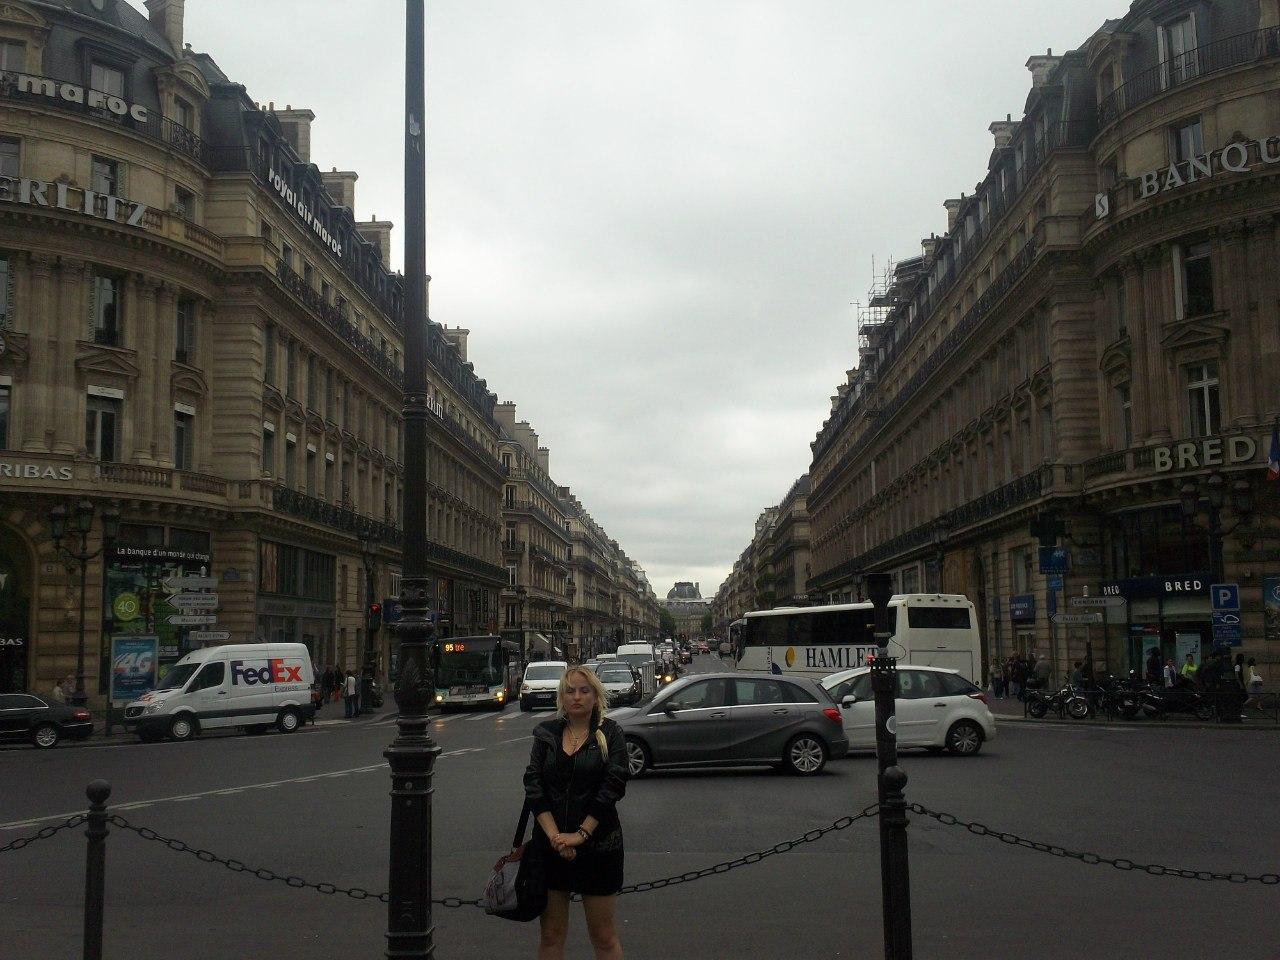 Елена Руденко. Франция. Париж. 2013 г. июнь. FgjuNgCmti4